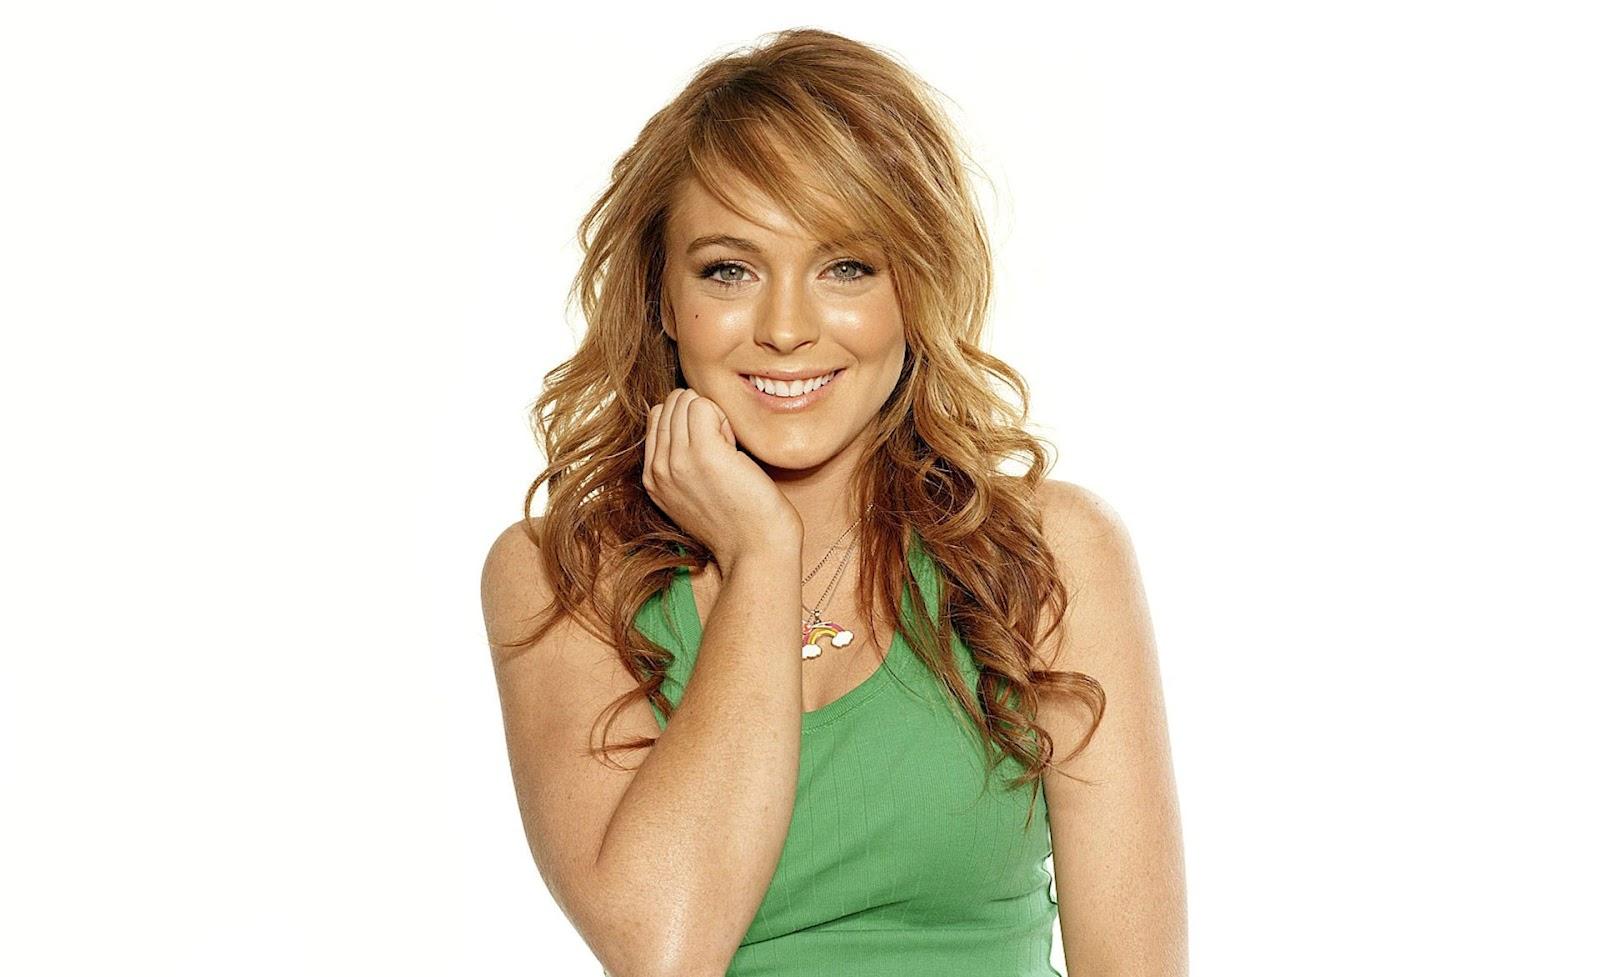 Lindsay Lohan beautiful smiling look